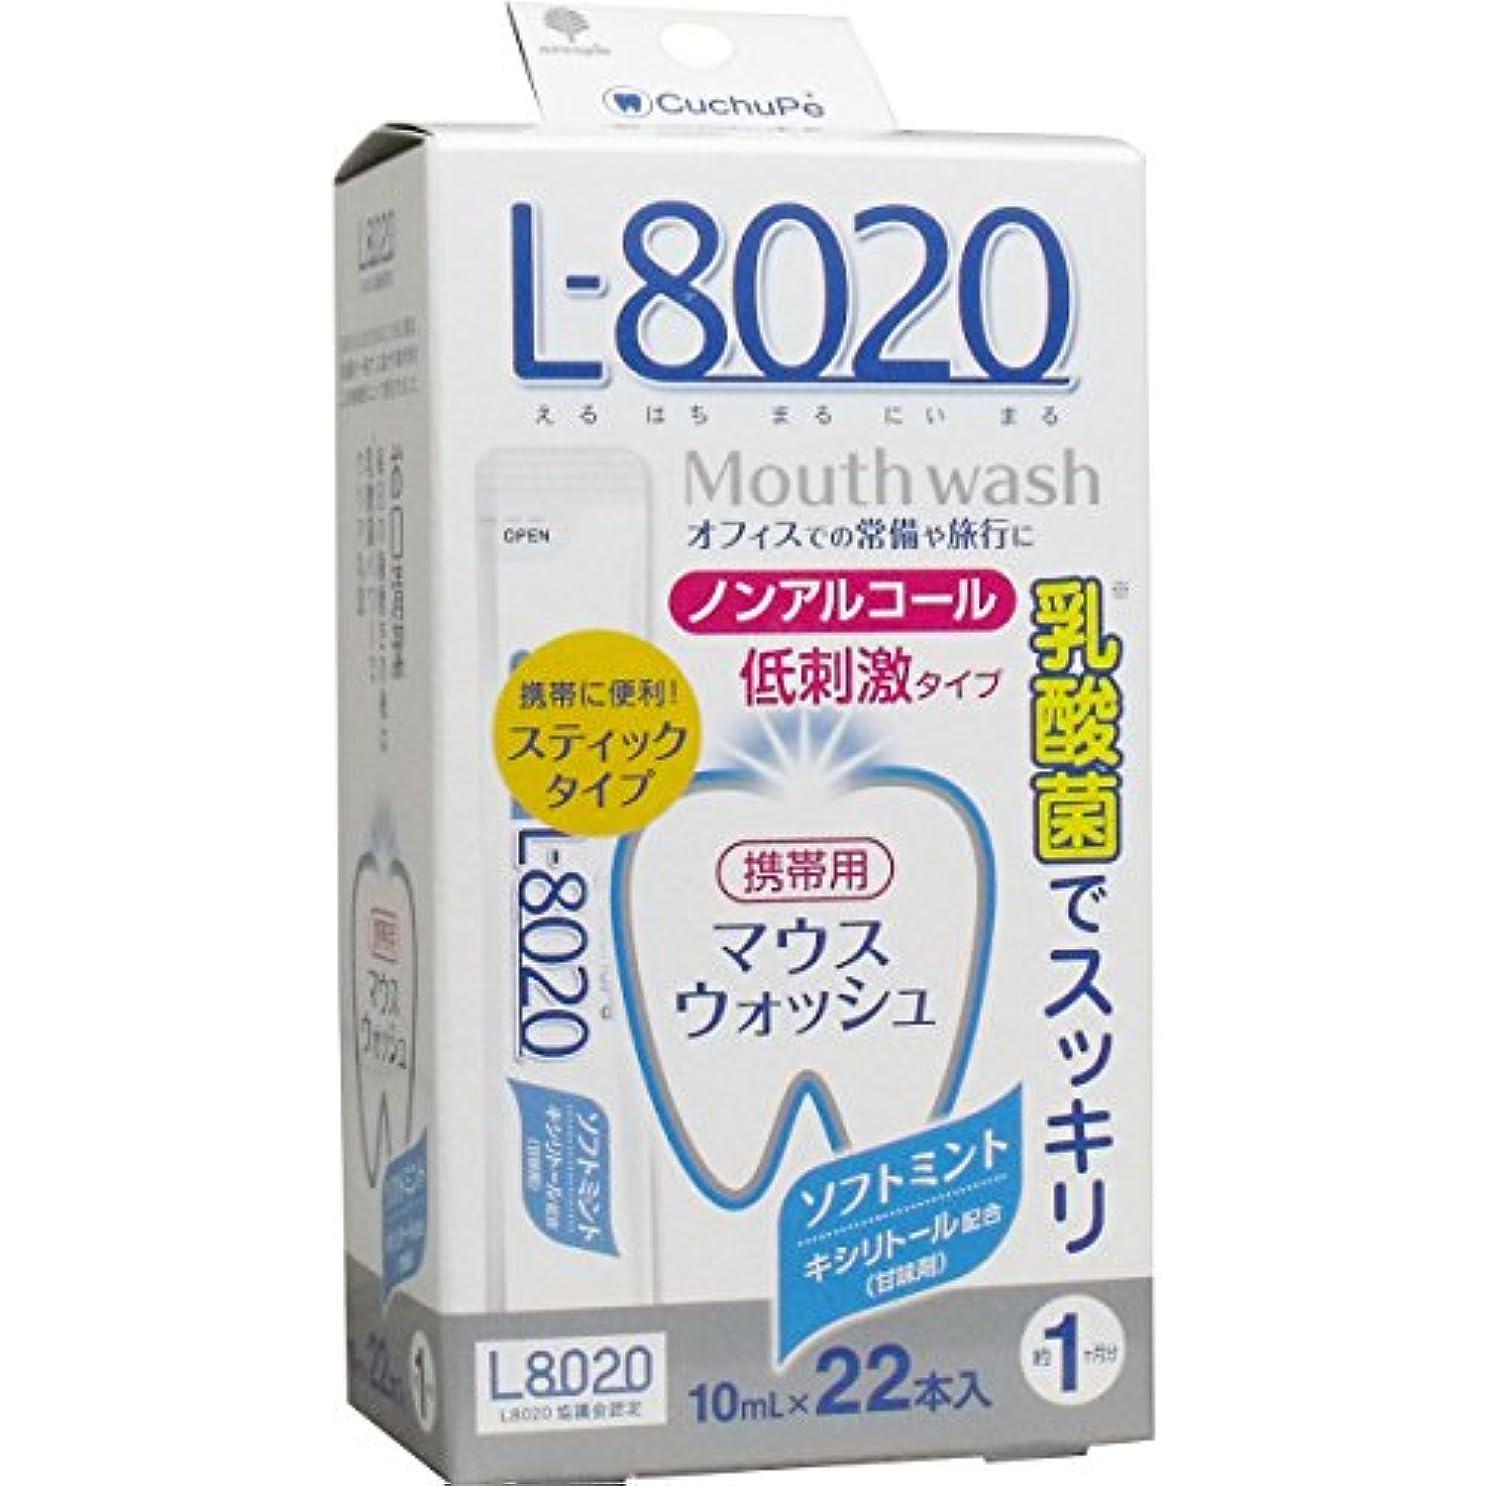 またね報復する特にクチュッペ L-8020 マウスウォッシュ ソフトミント スティックタイプ 22本入